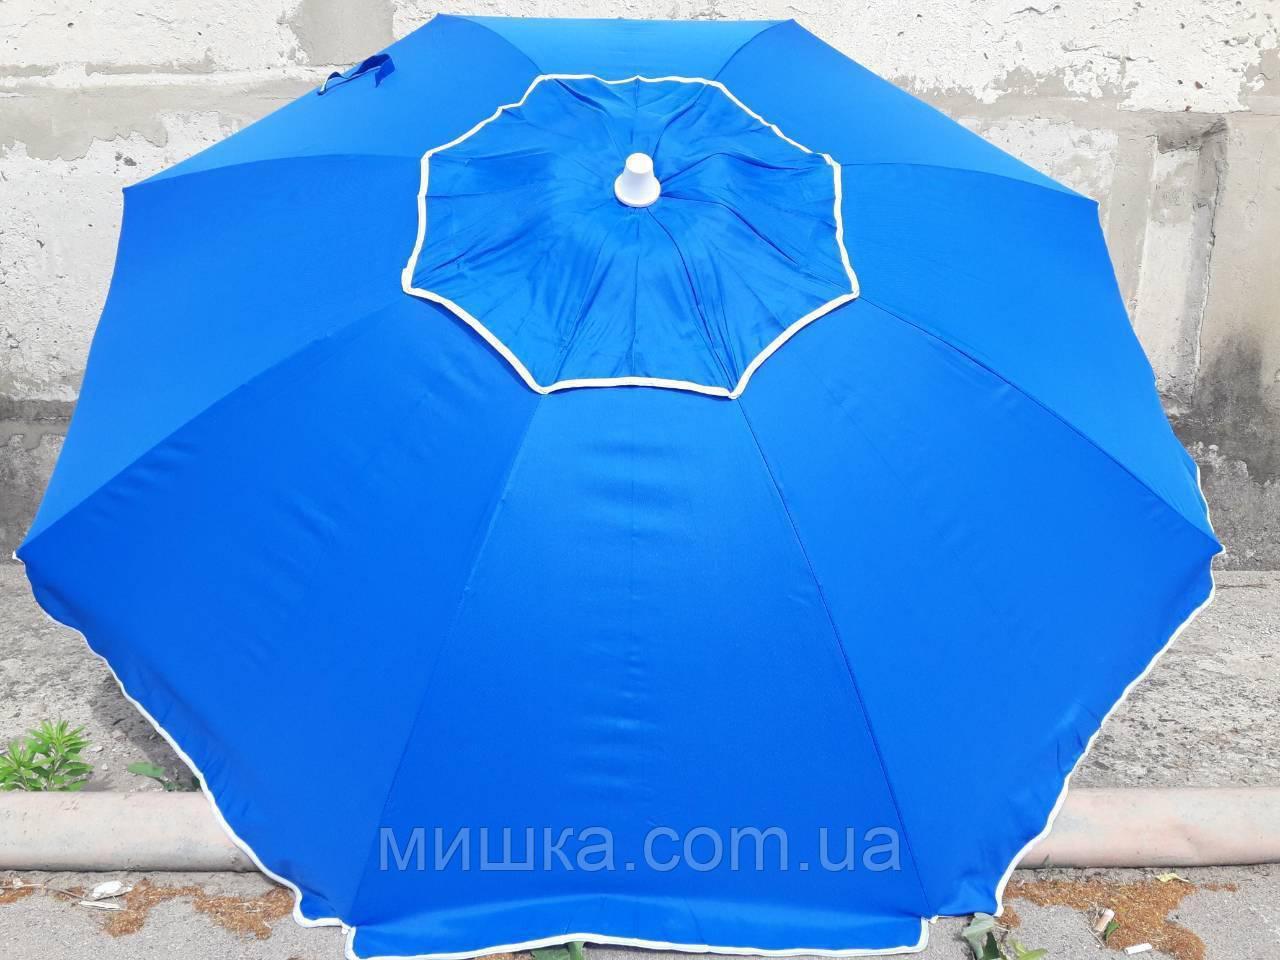 Пляжный зонт 2.0 м клапан, наклон и чехол